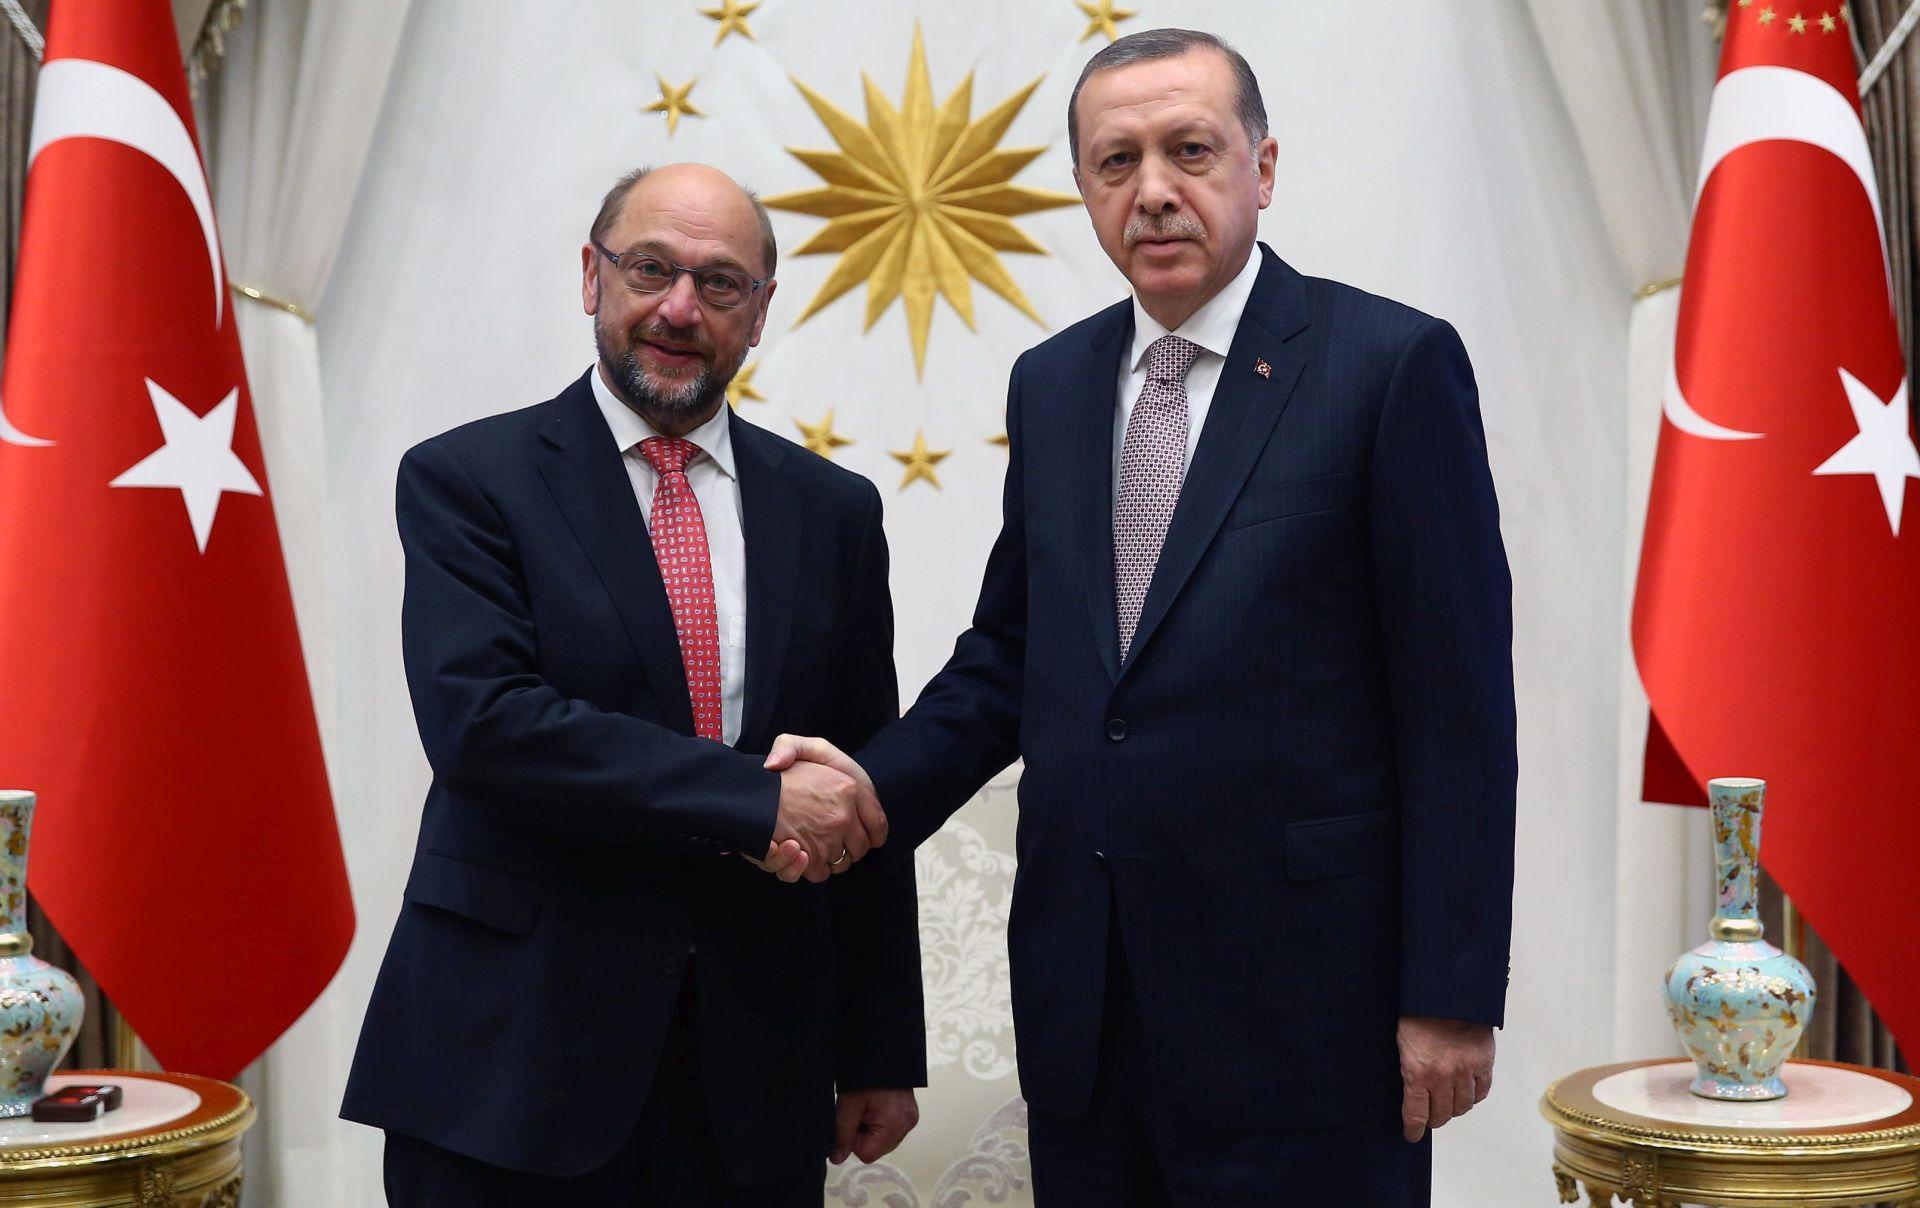 ODNOSI S EU: Turski antiteroristički zakon i dalje kamen spoticanja